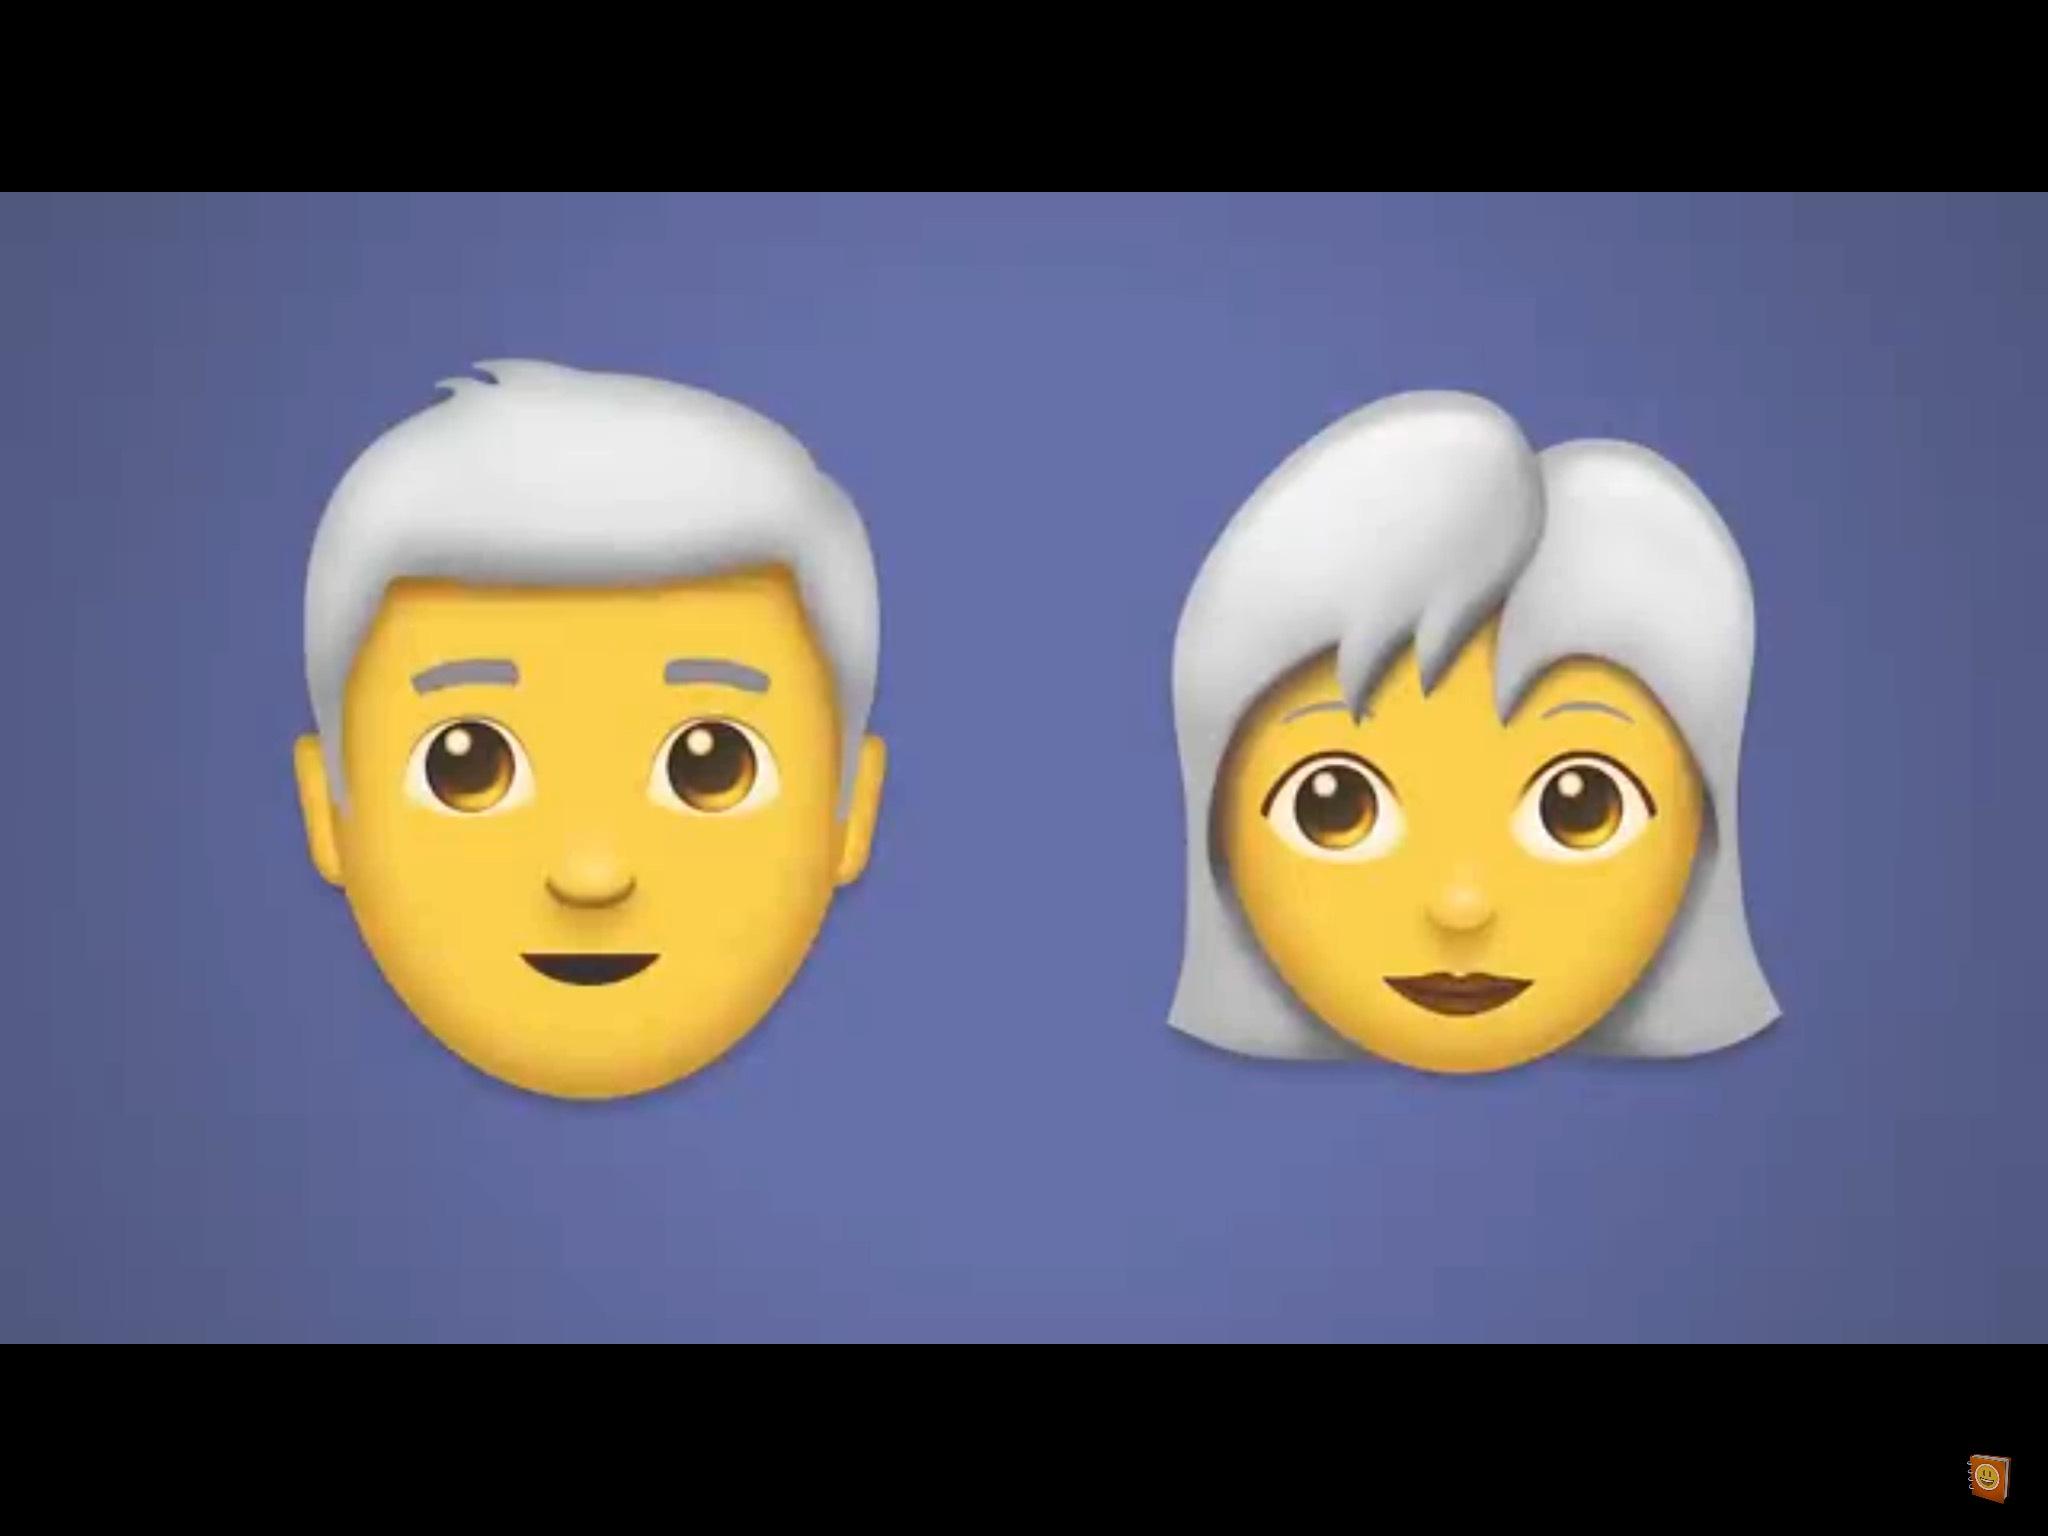 Conoce los nuevos emojis que tendrás en tu teléfono inteligente